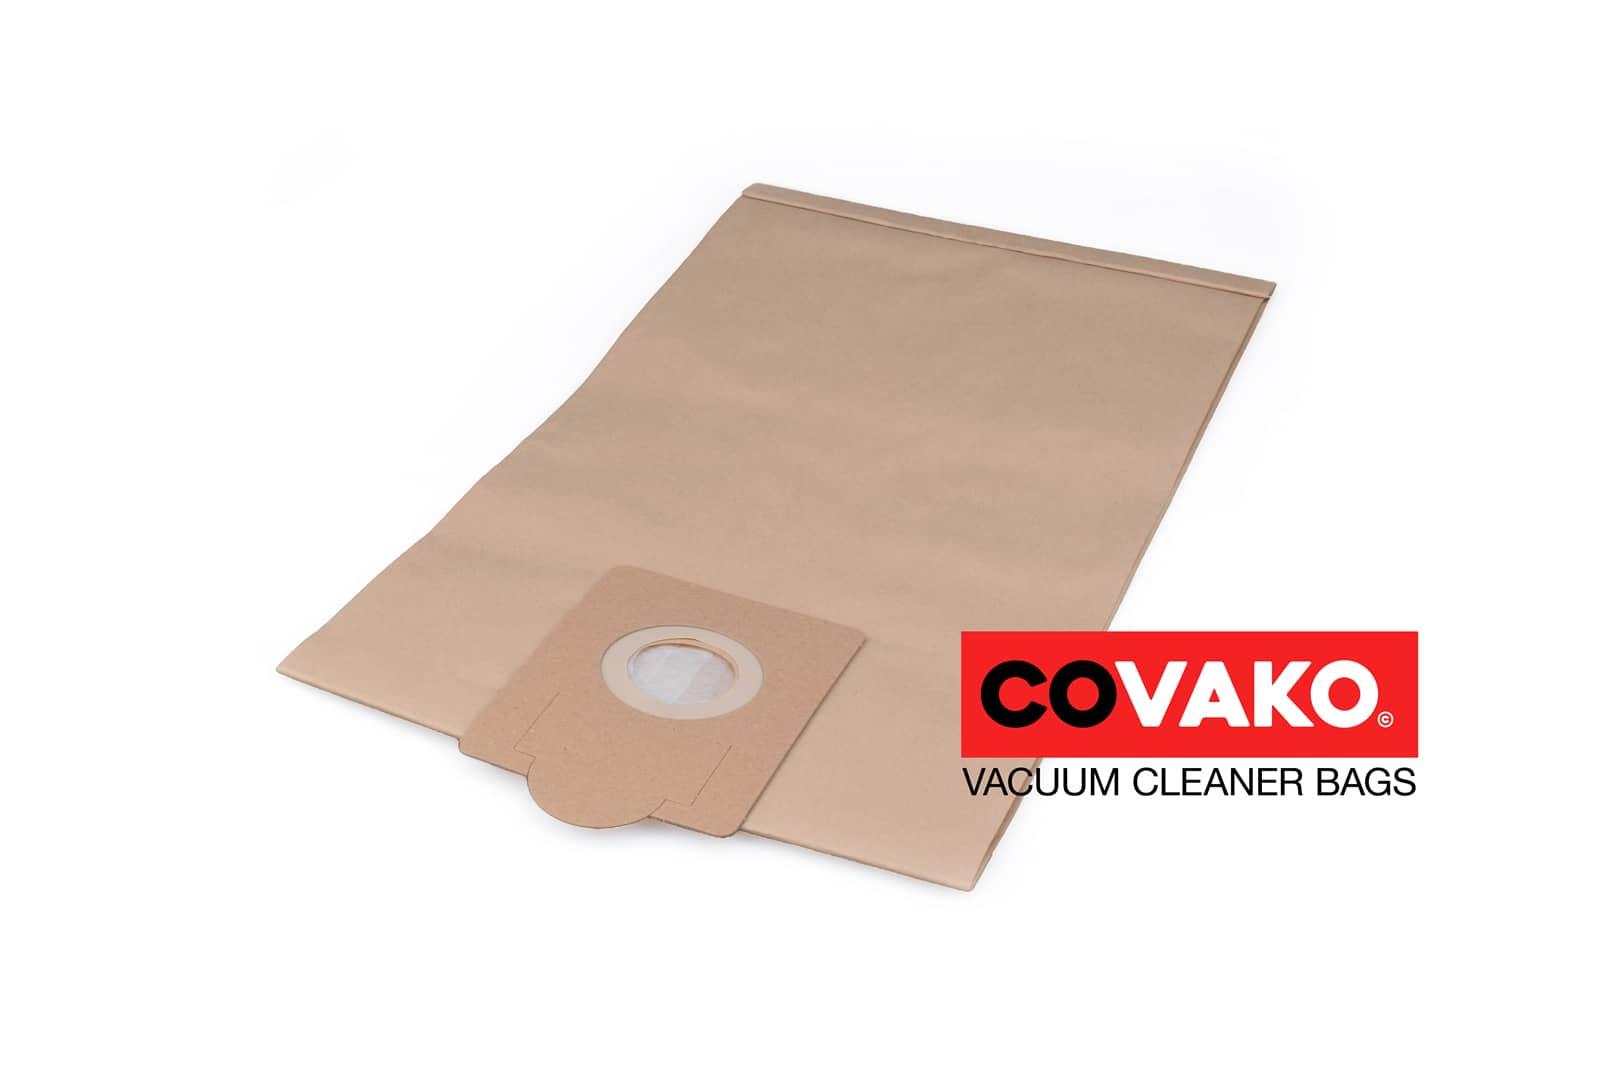 Elsea F 1003 C / Papier - Elsea sacs d'aspirateur